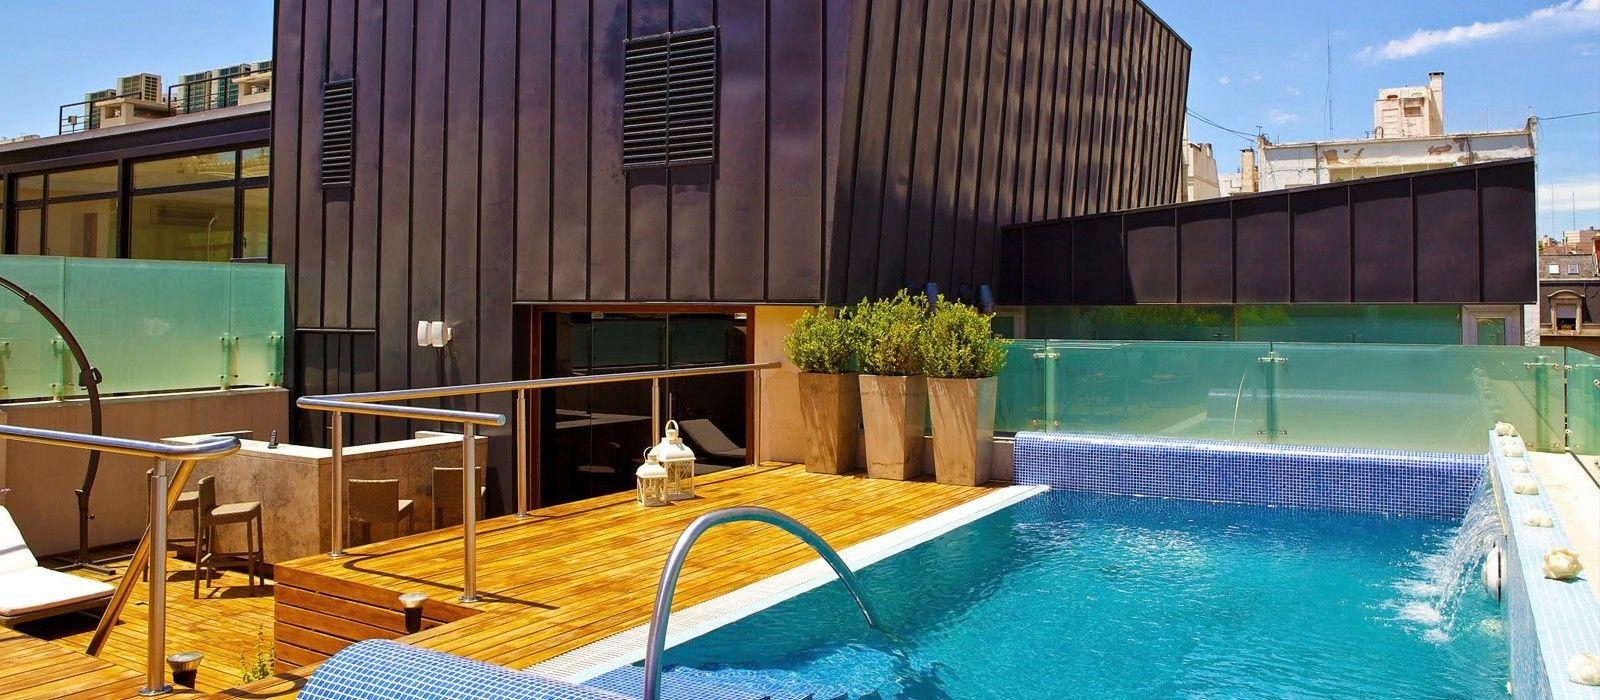 Hotel Algodon Mansion Argentinien